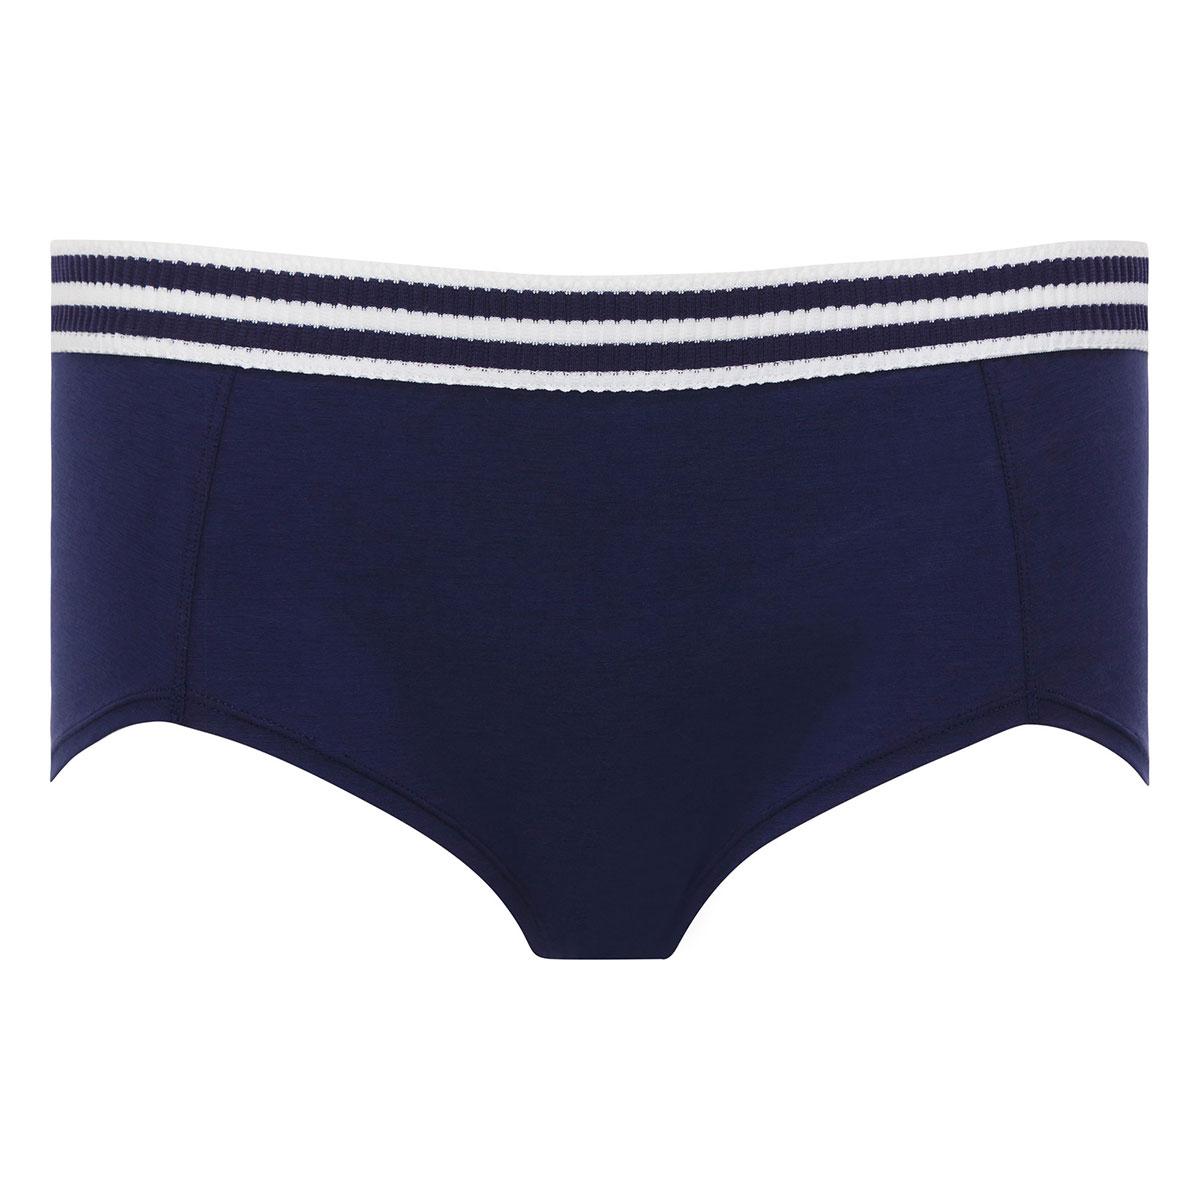 Navy blue & white short - Sporty Chic-PLAYTEX